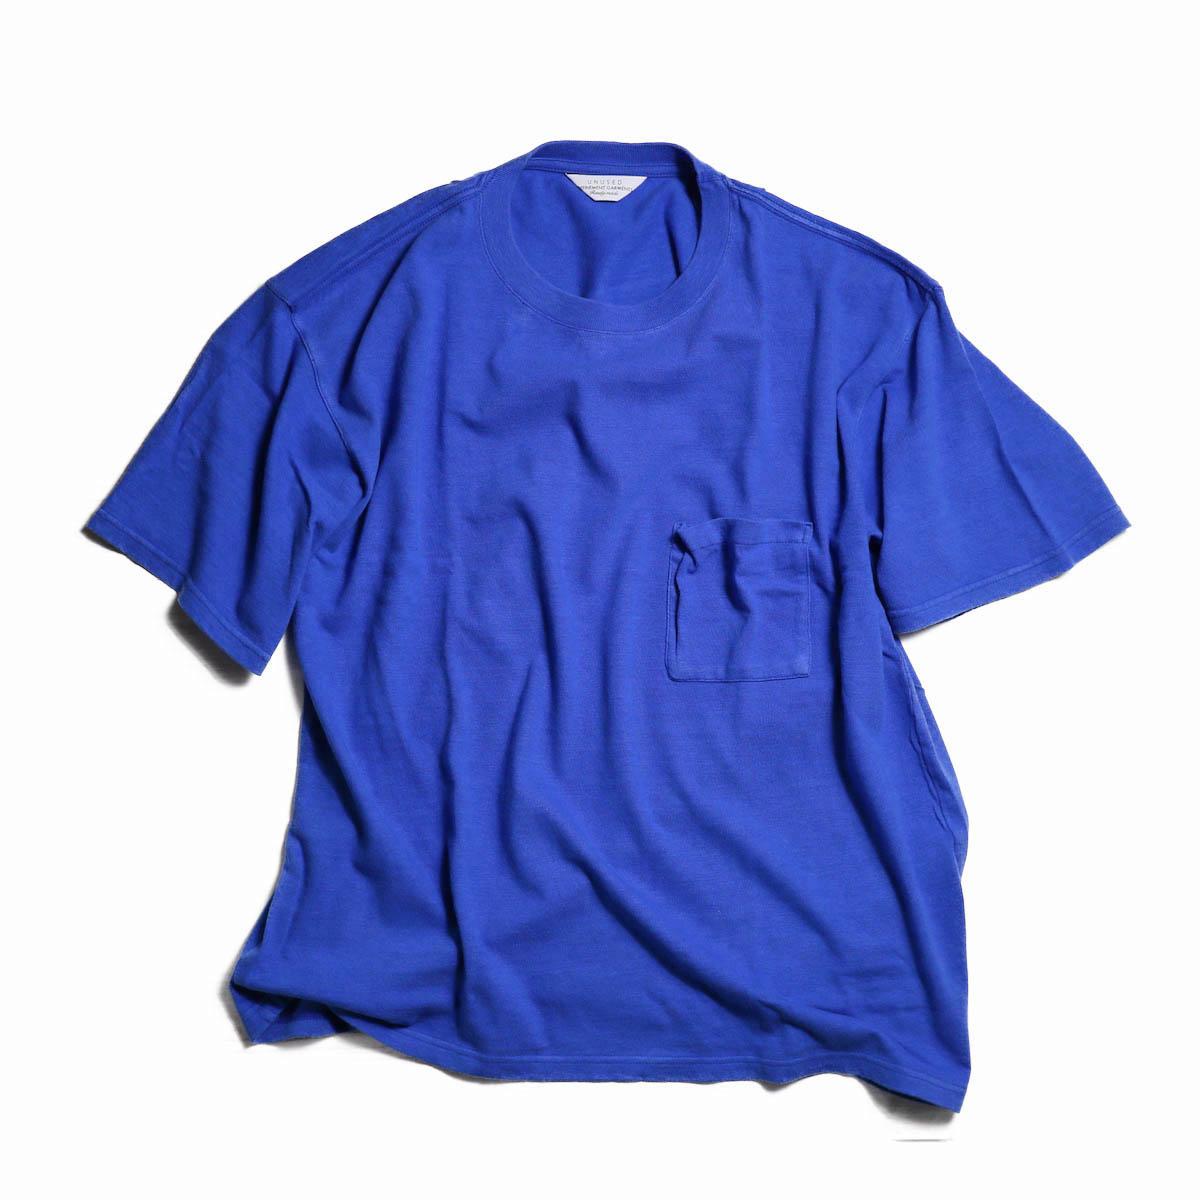 UNUSED / US1368 RAYON LOOSE TEE -BLUE